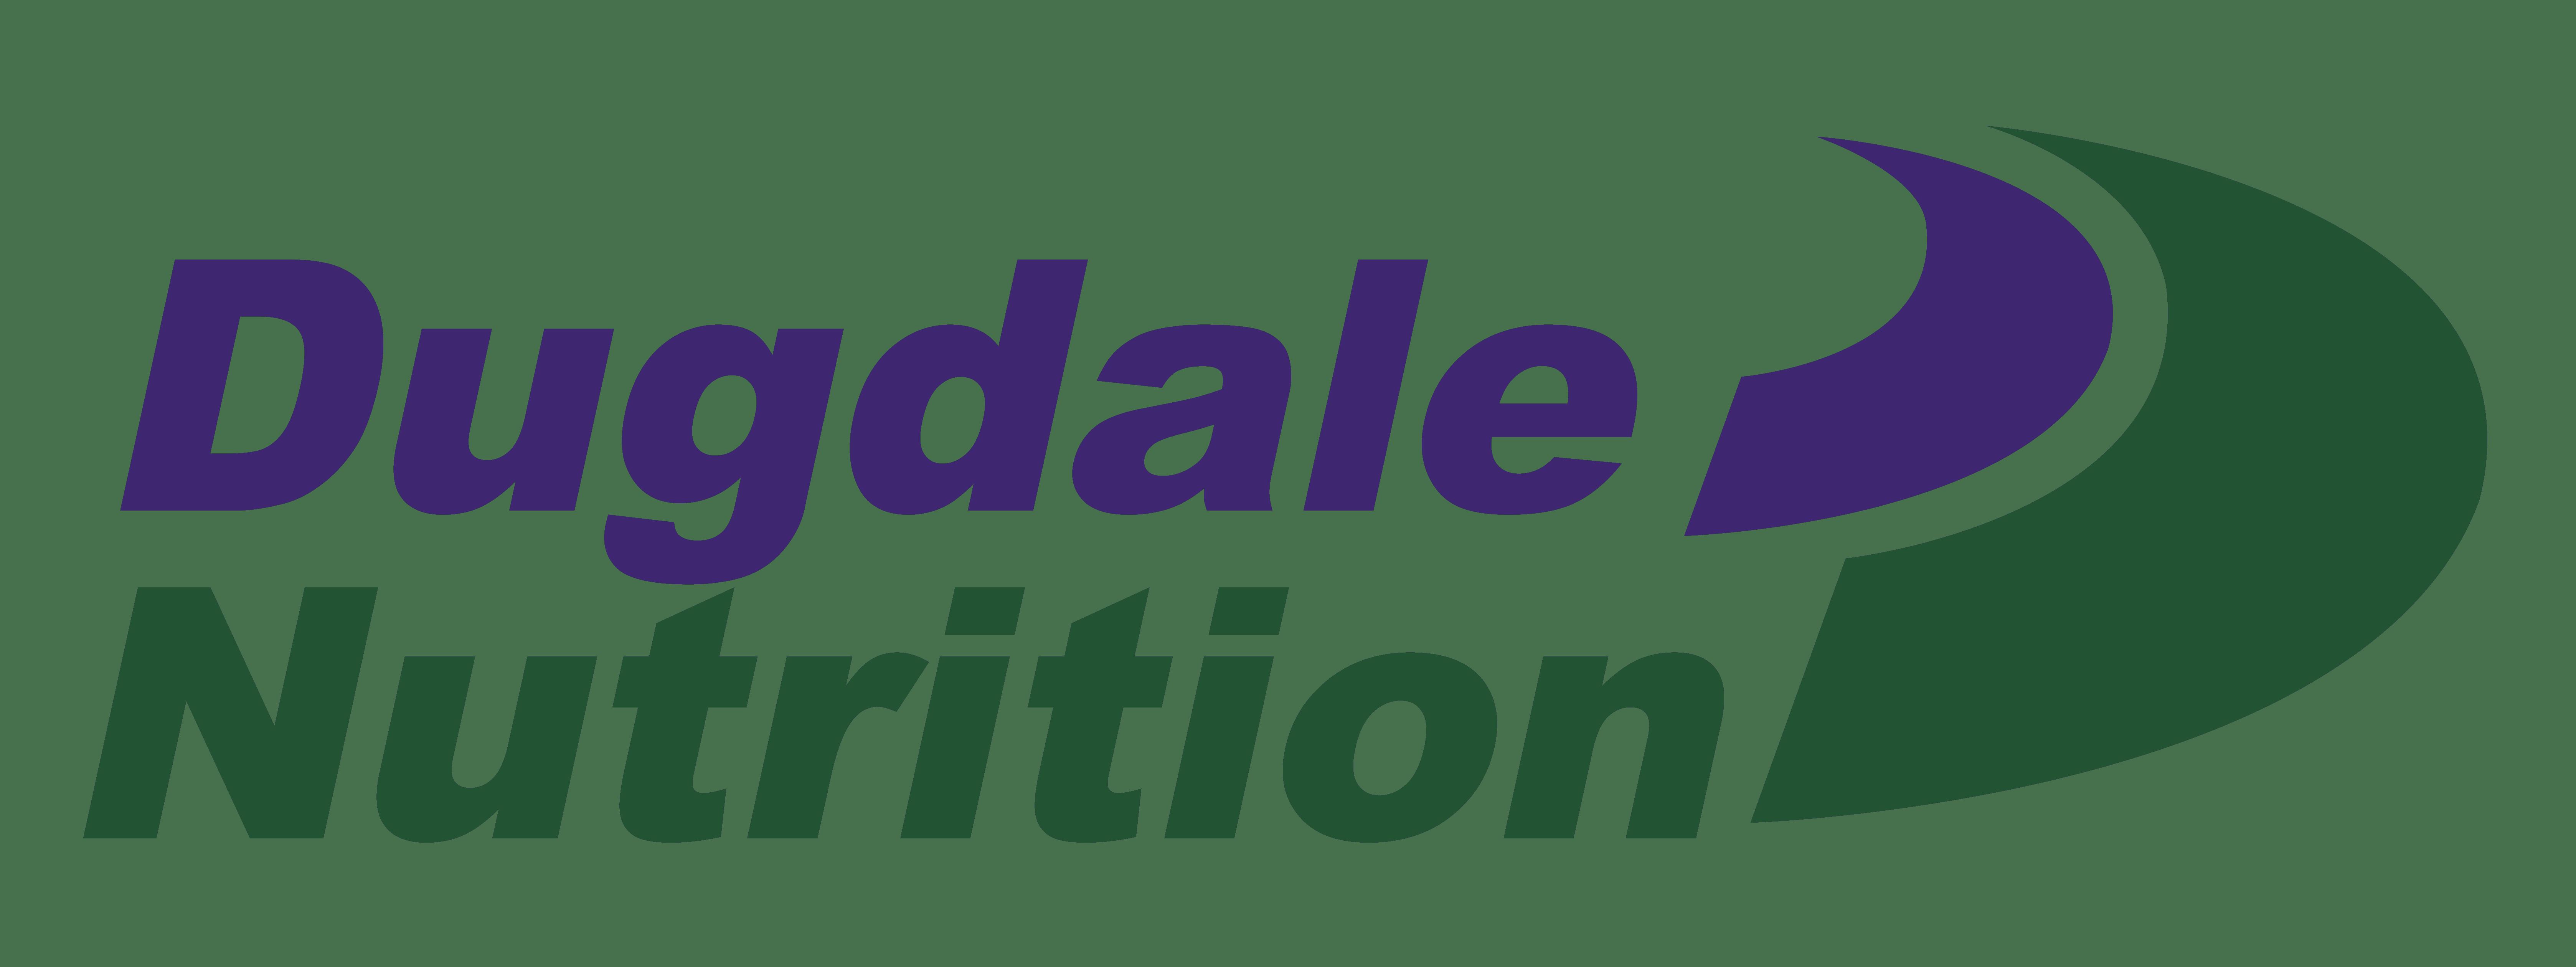 Dugdales-logo